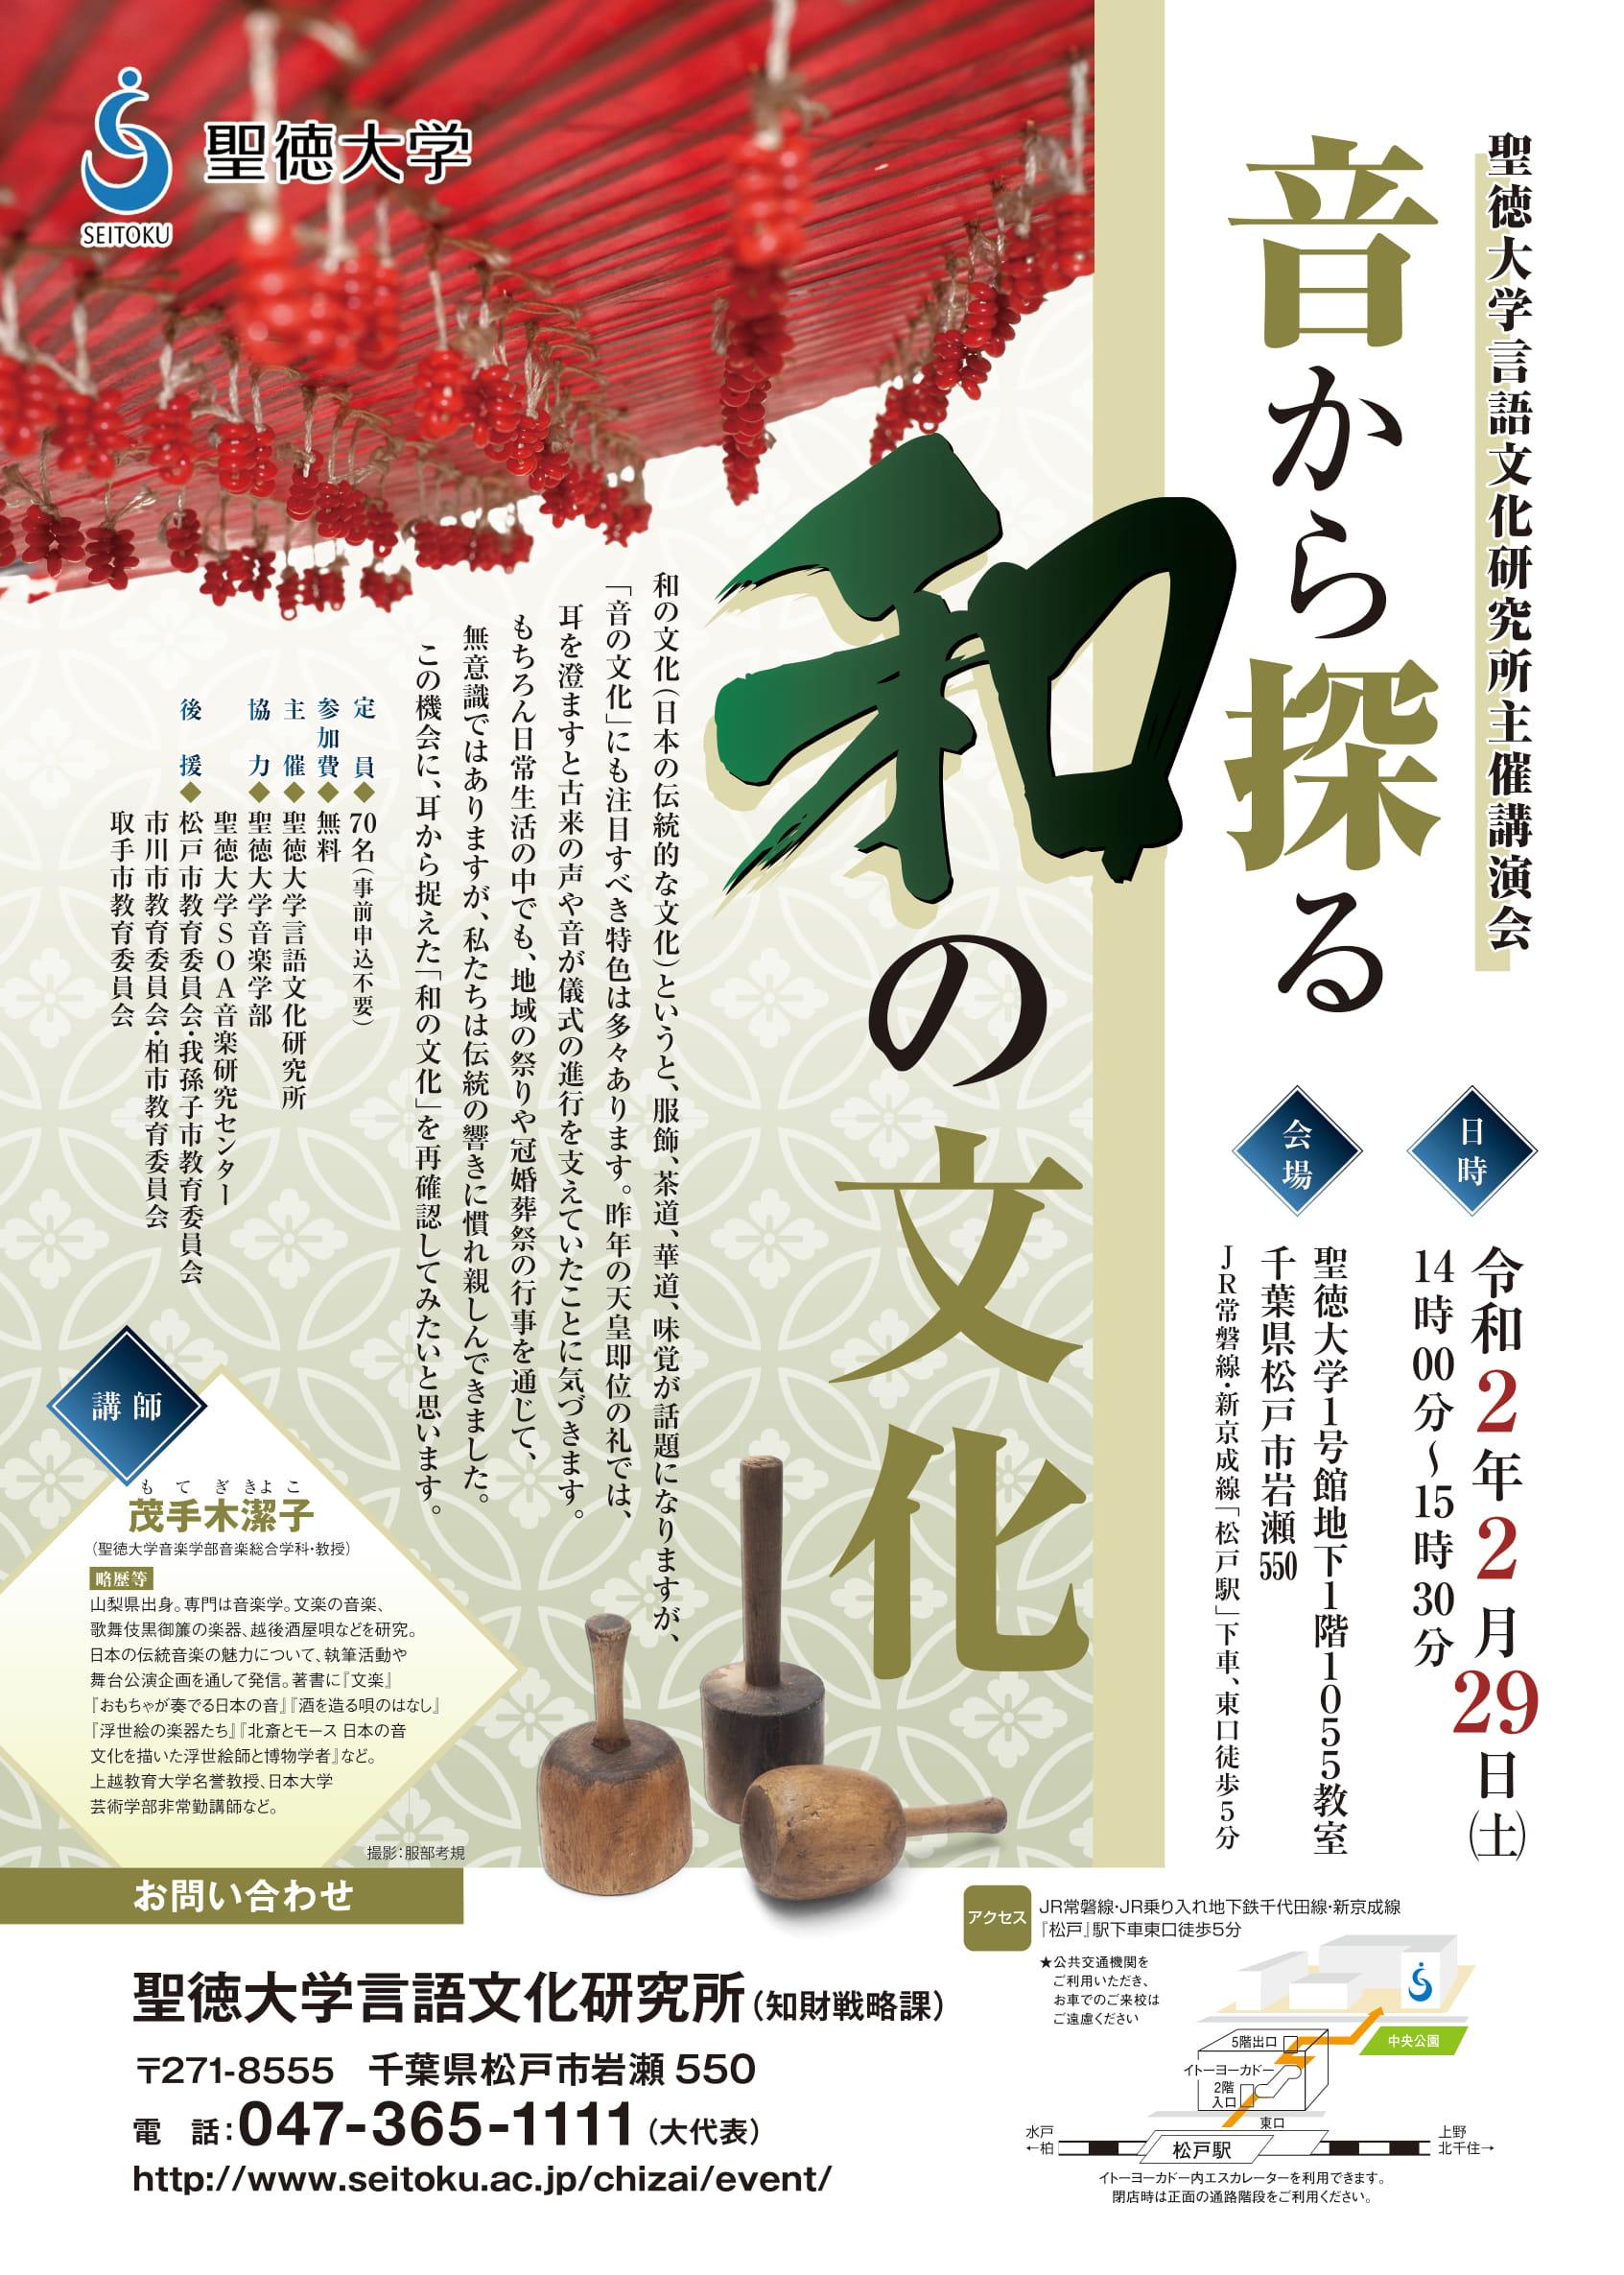 講演会のお知らせ:茂手木潔子先生「 音から探る<和>の文化」